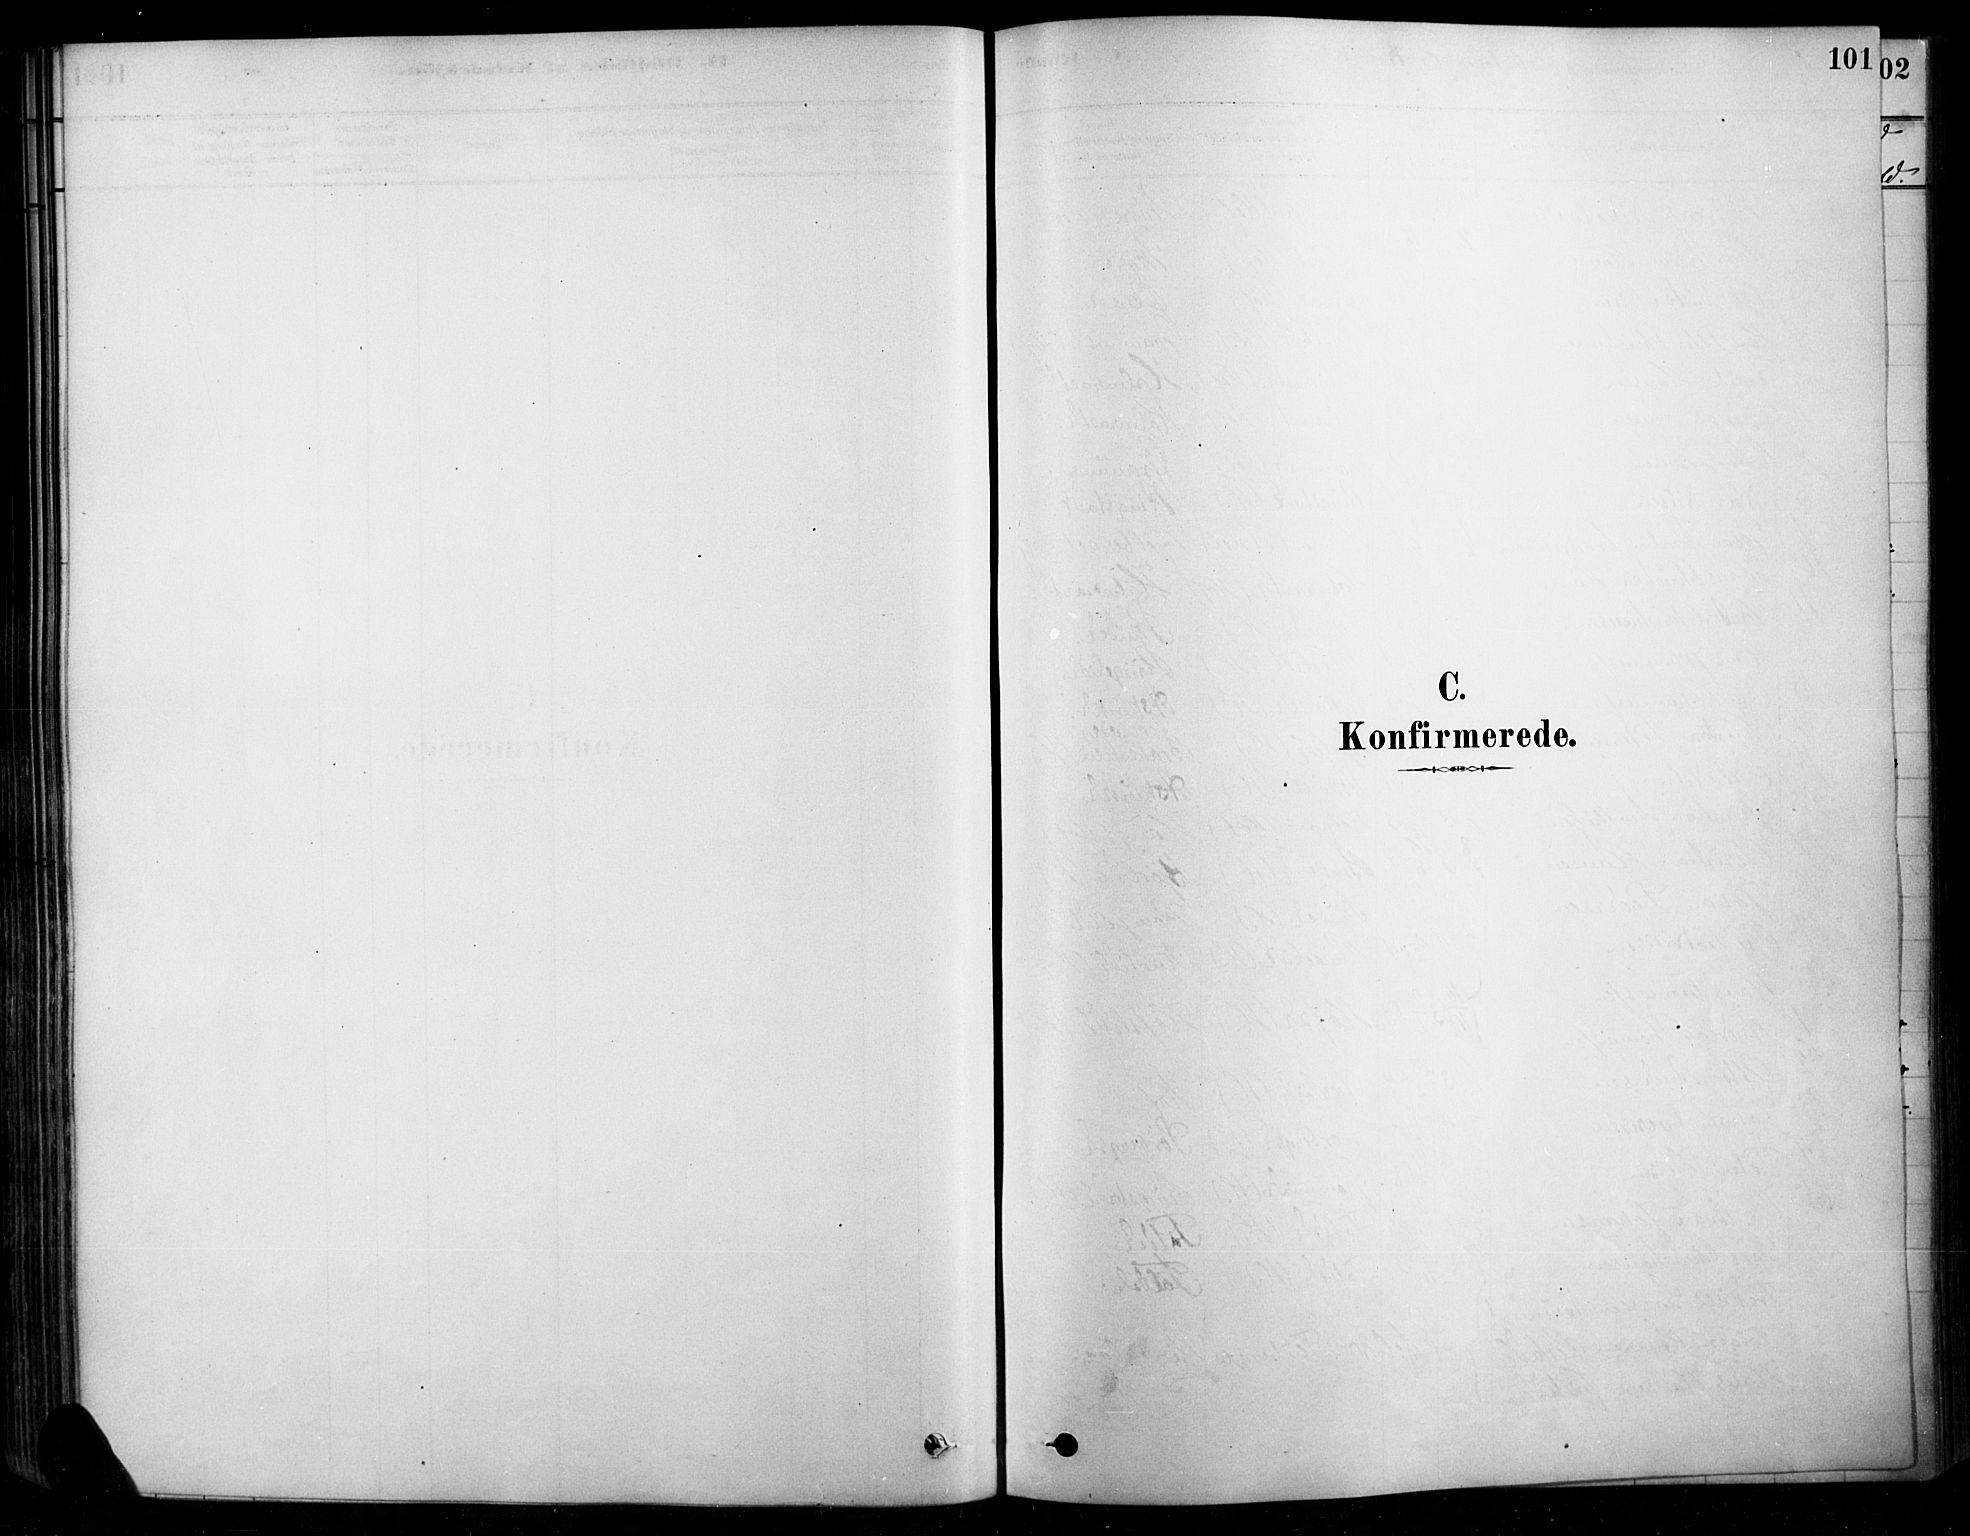 SAH, Søndre Land prestekontor, K/L0003: Ministerialbok nr. 3, 1878-1894, s. 101